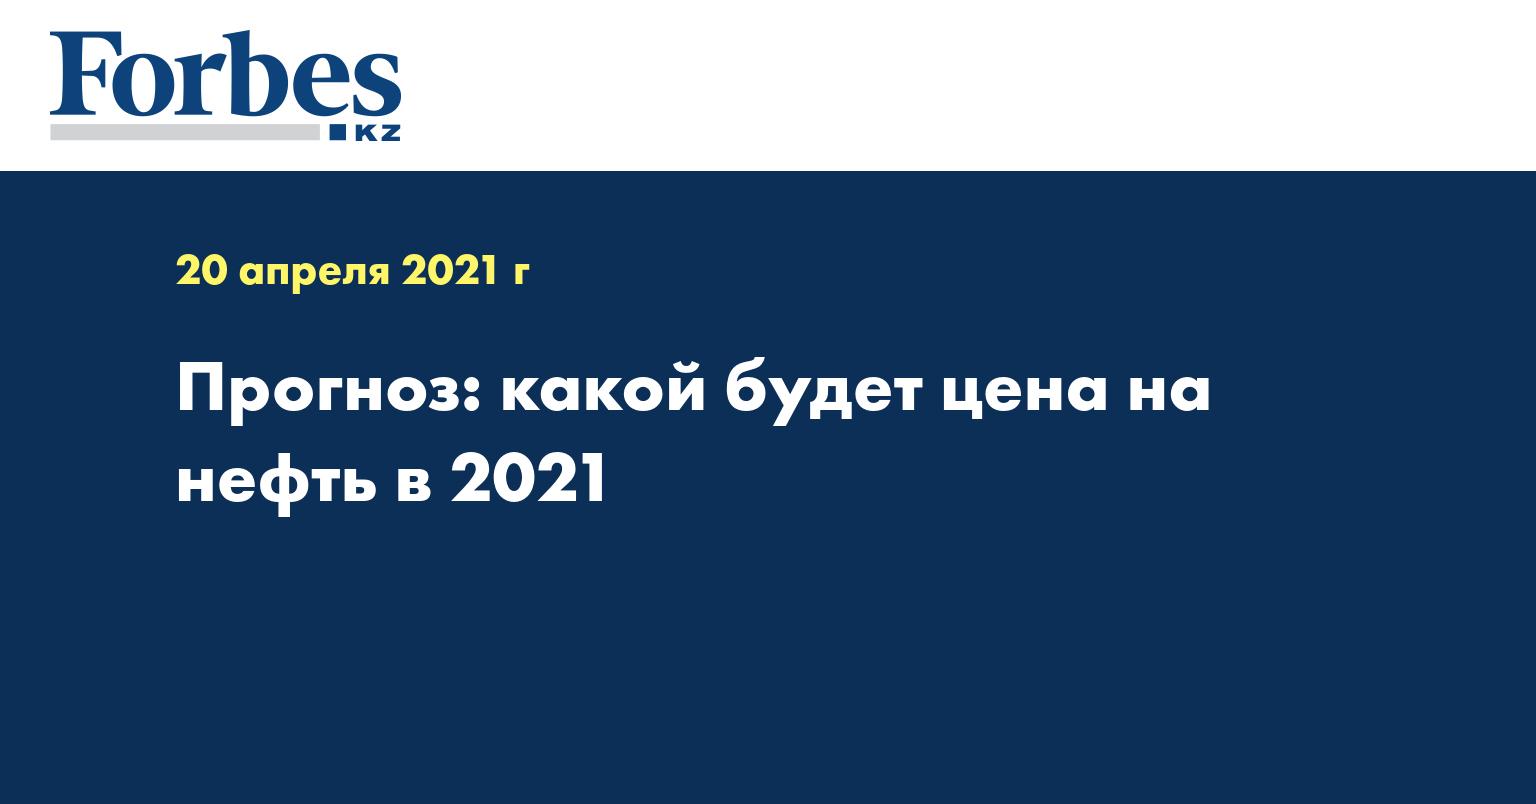 Прогноз: какой будет цена на нефть в 2021